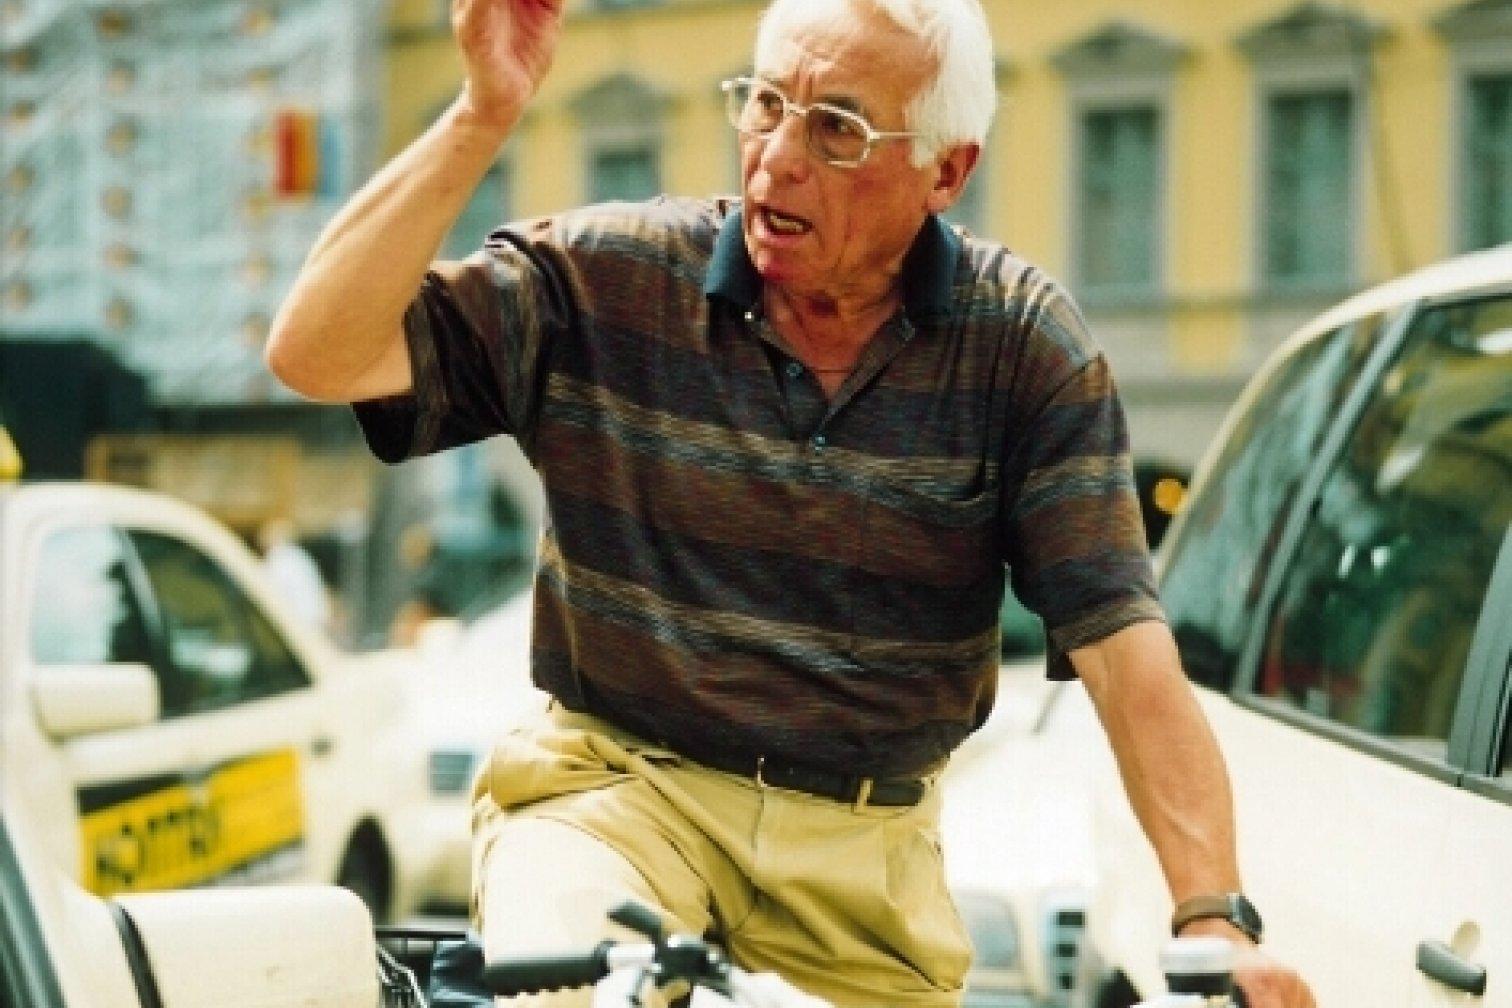 Mensch im Straßenverkehr